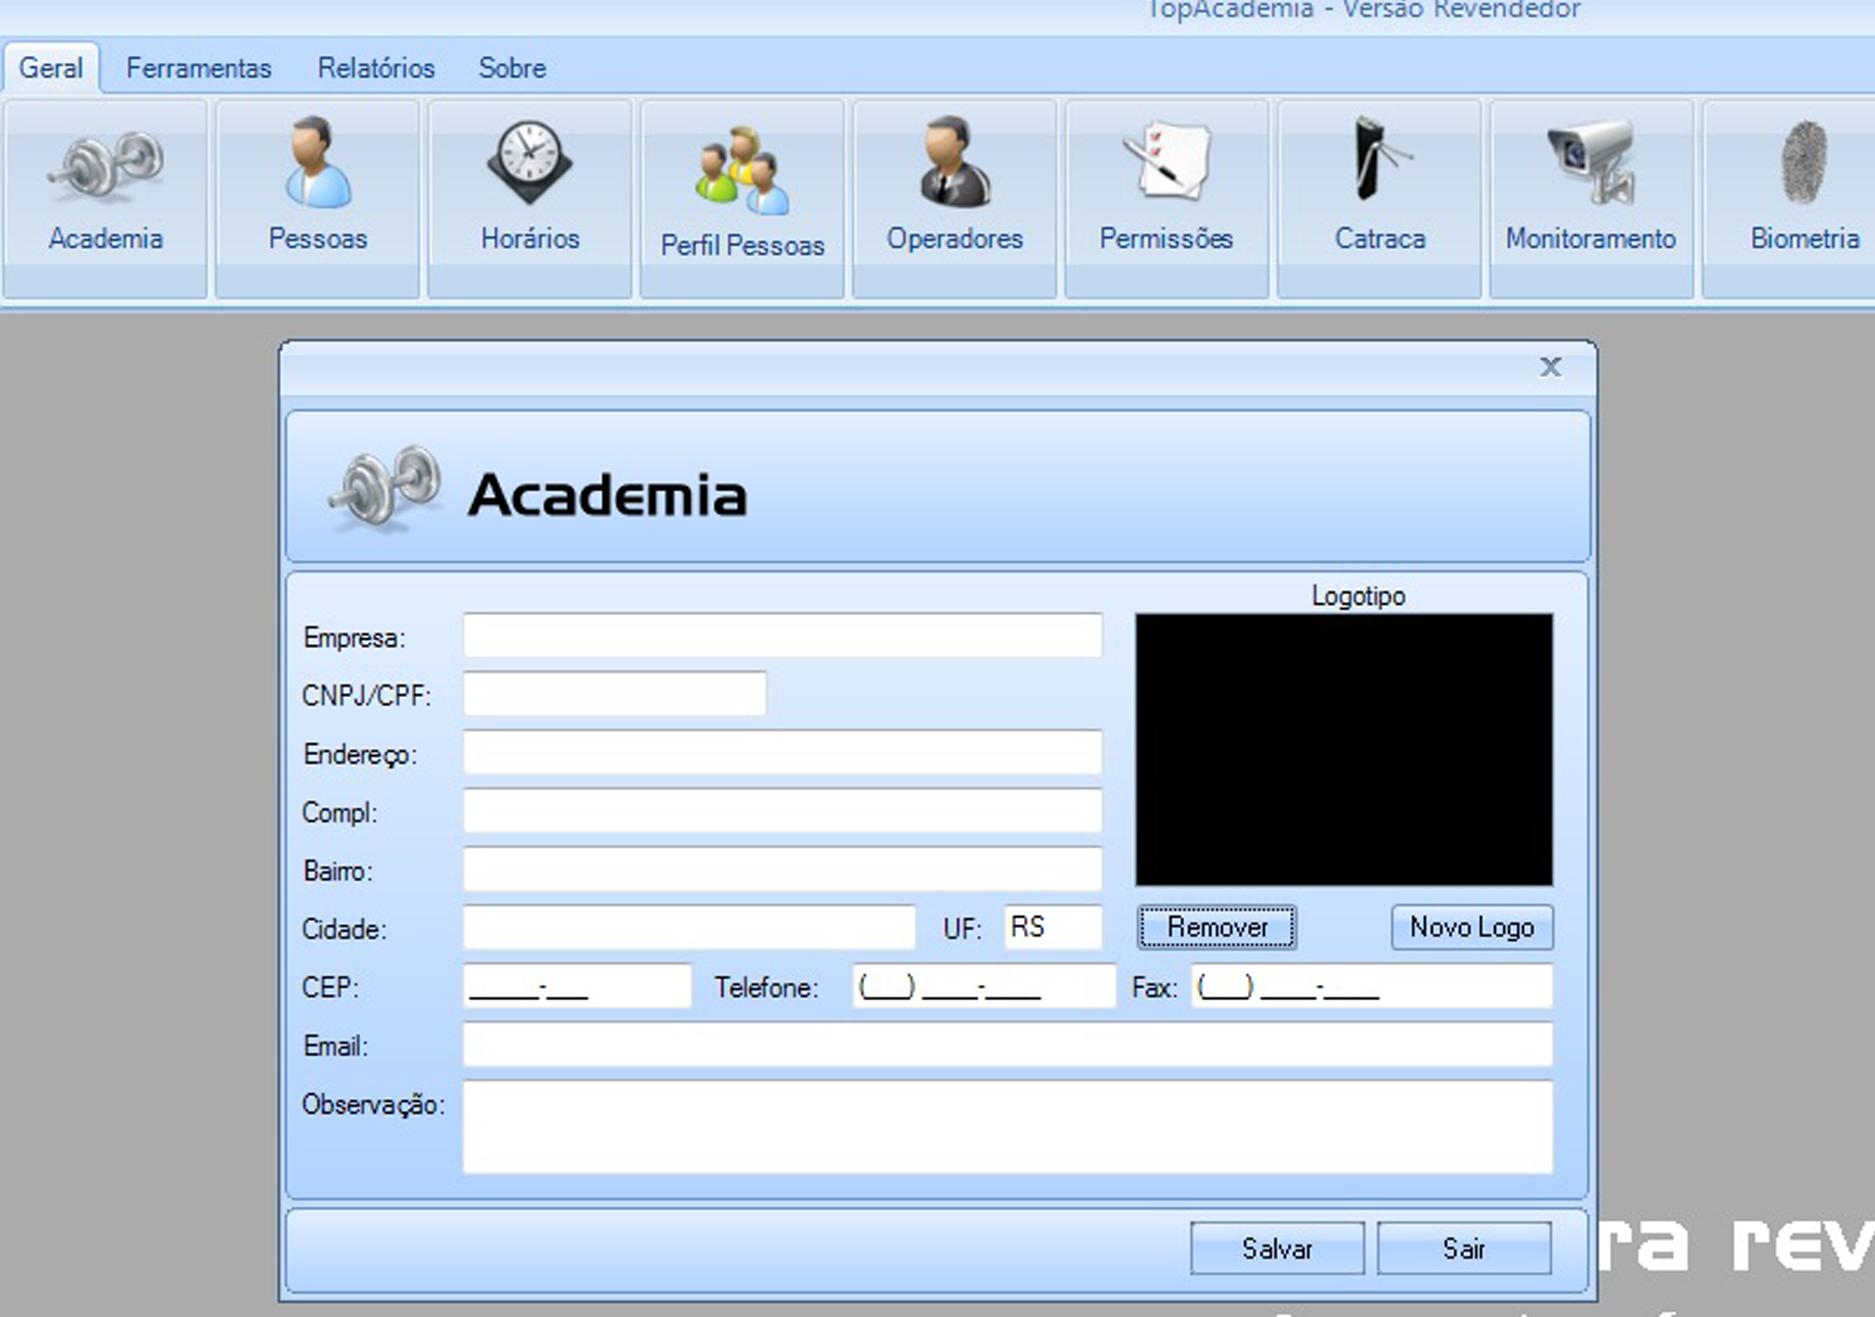 Top Academia03